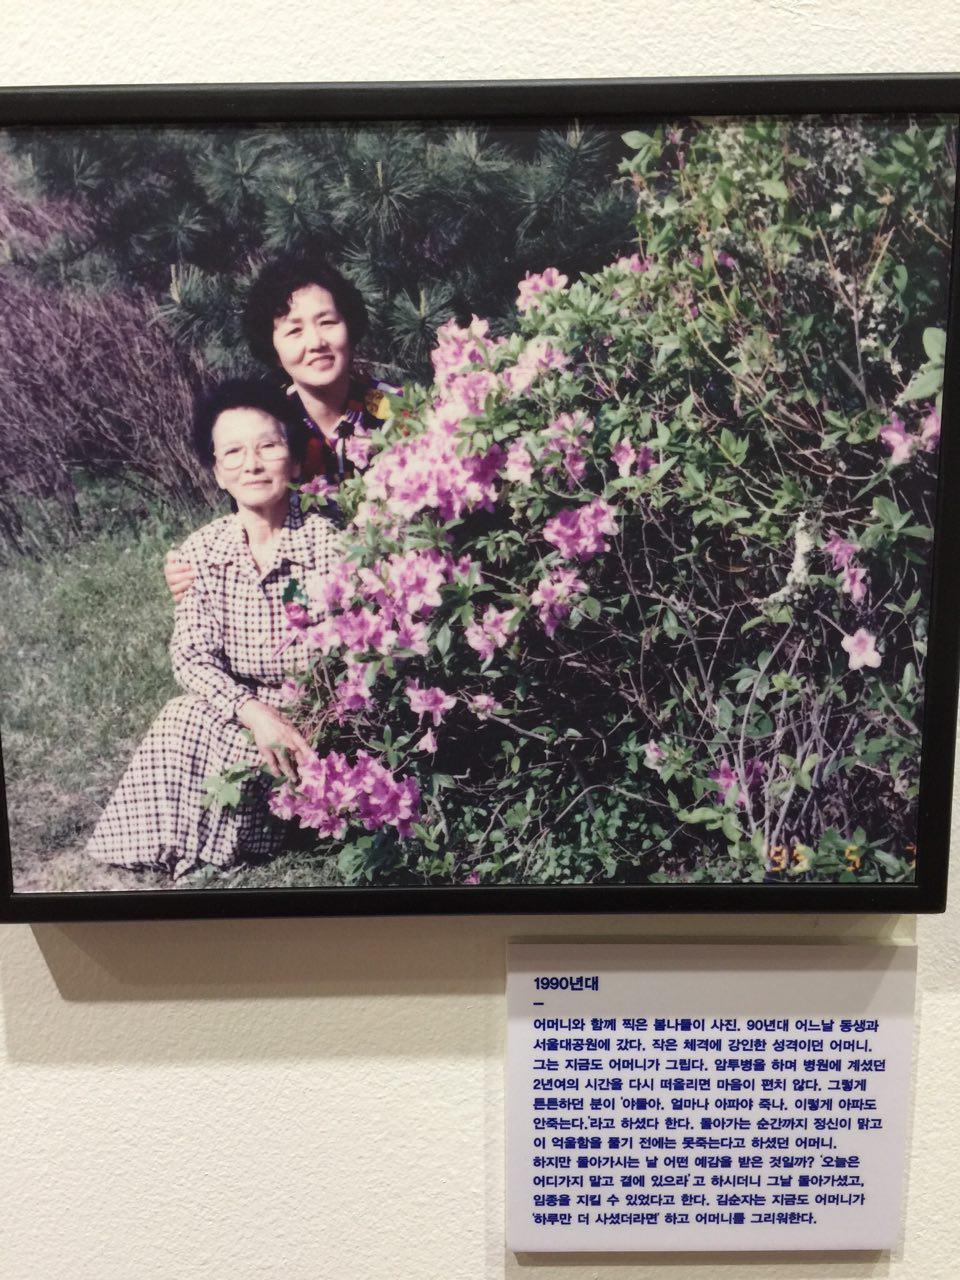 김순자 씨의 어머니와 함께 찍었던 사진. 지난 2016년 서울시민청에서 '기억발전소' 기획으로 사진전시회를 하였다.